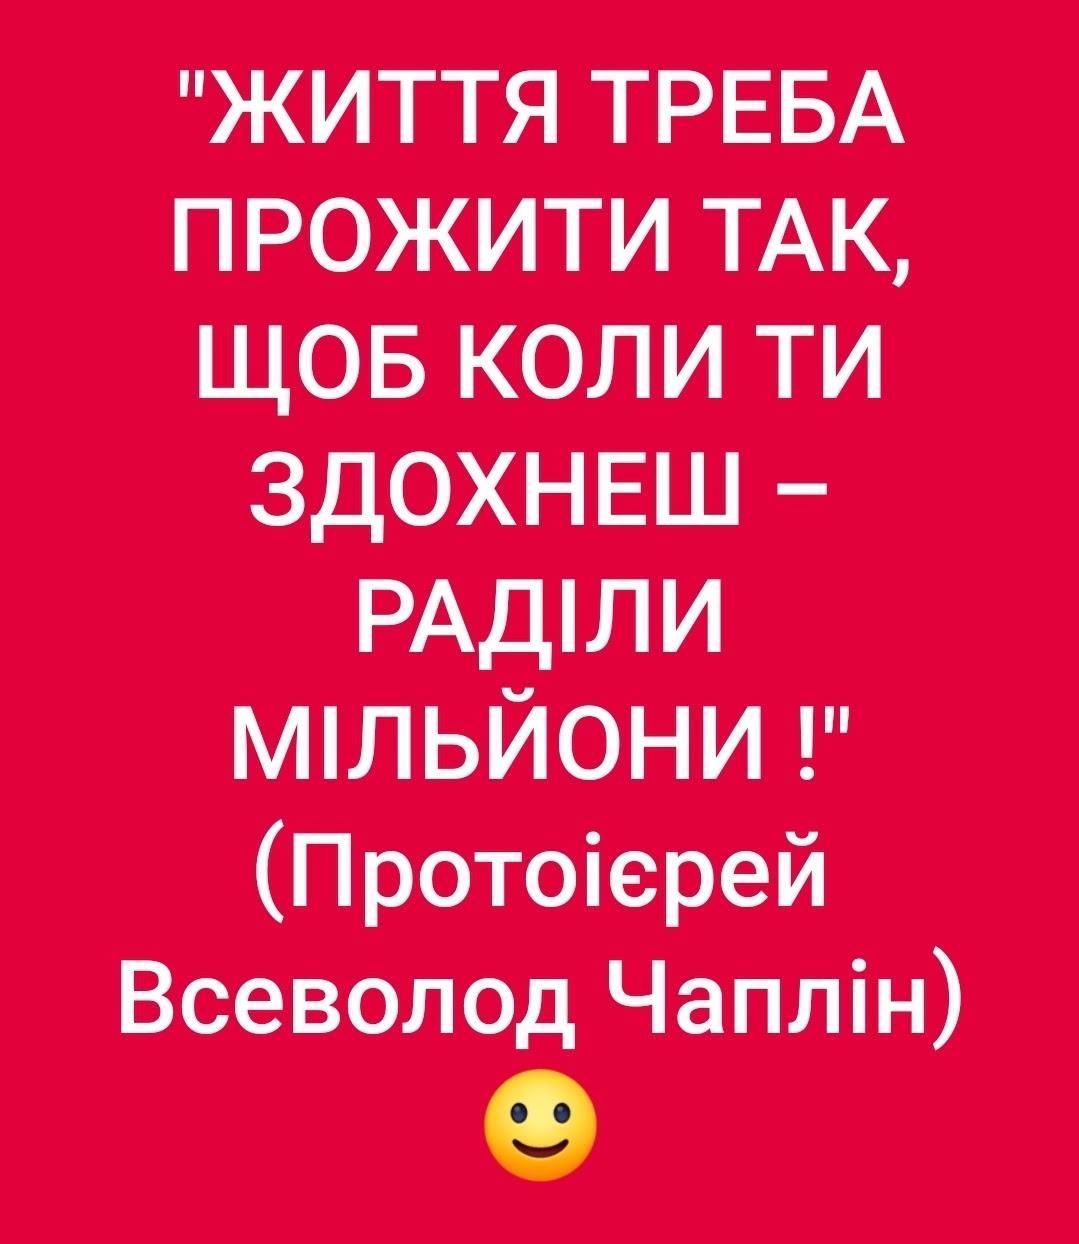 Помер протоієрей РПЦ Чаплін, який закликав до захоплення України - Цензор.НЕТ 6690